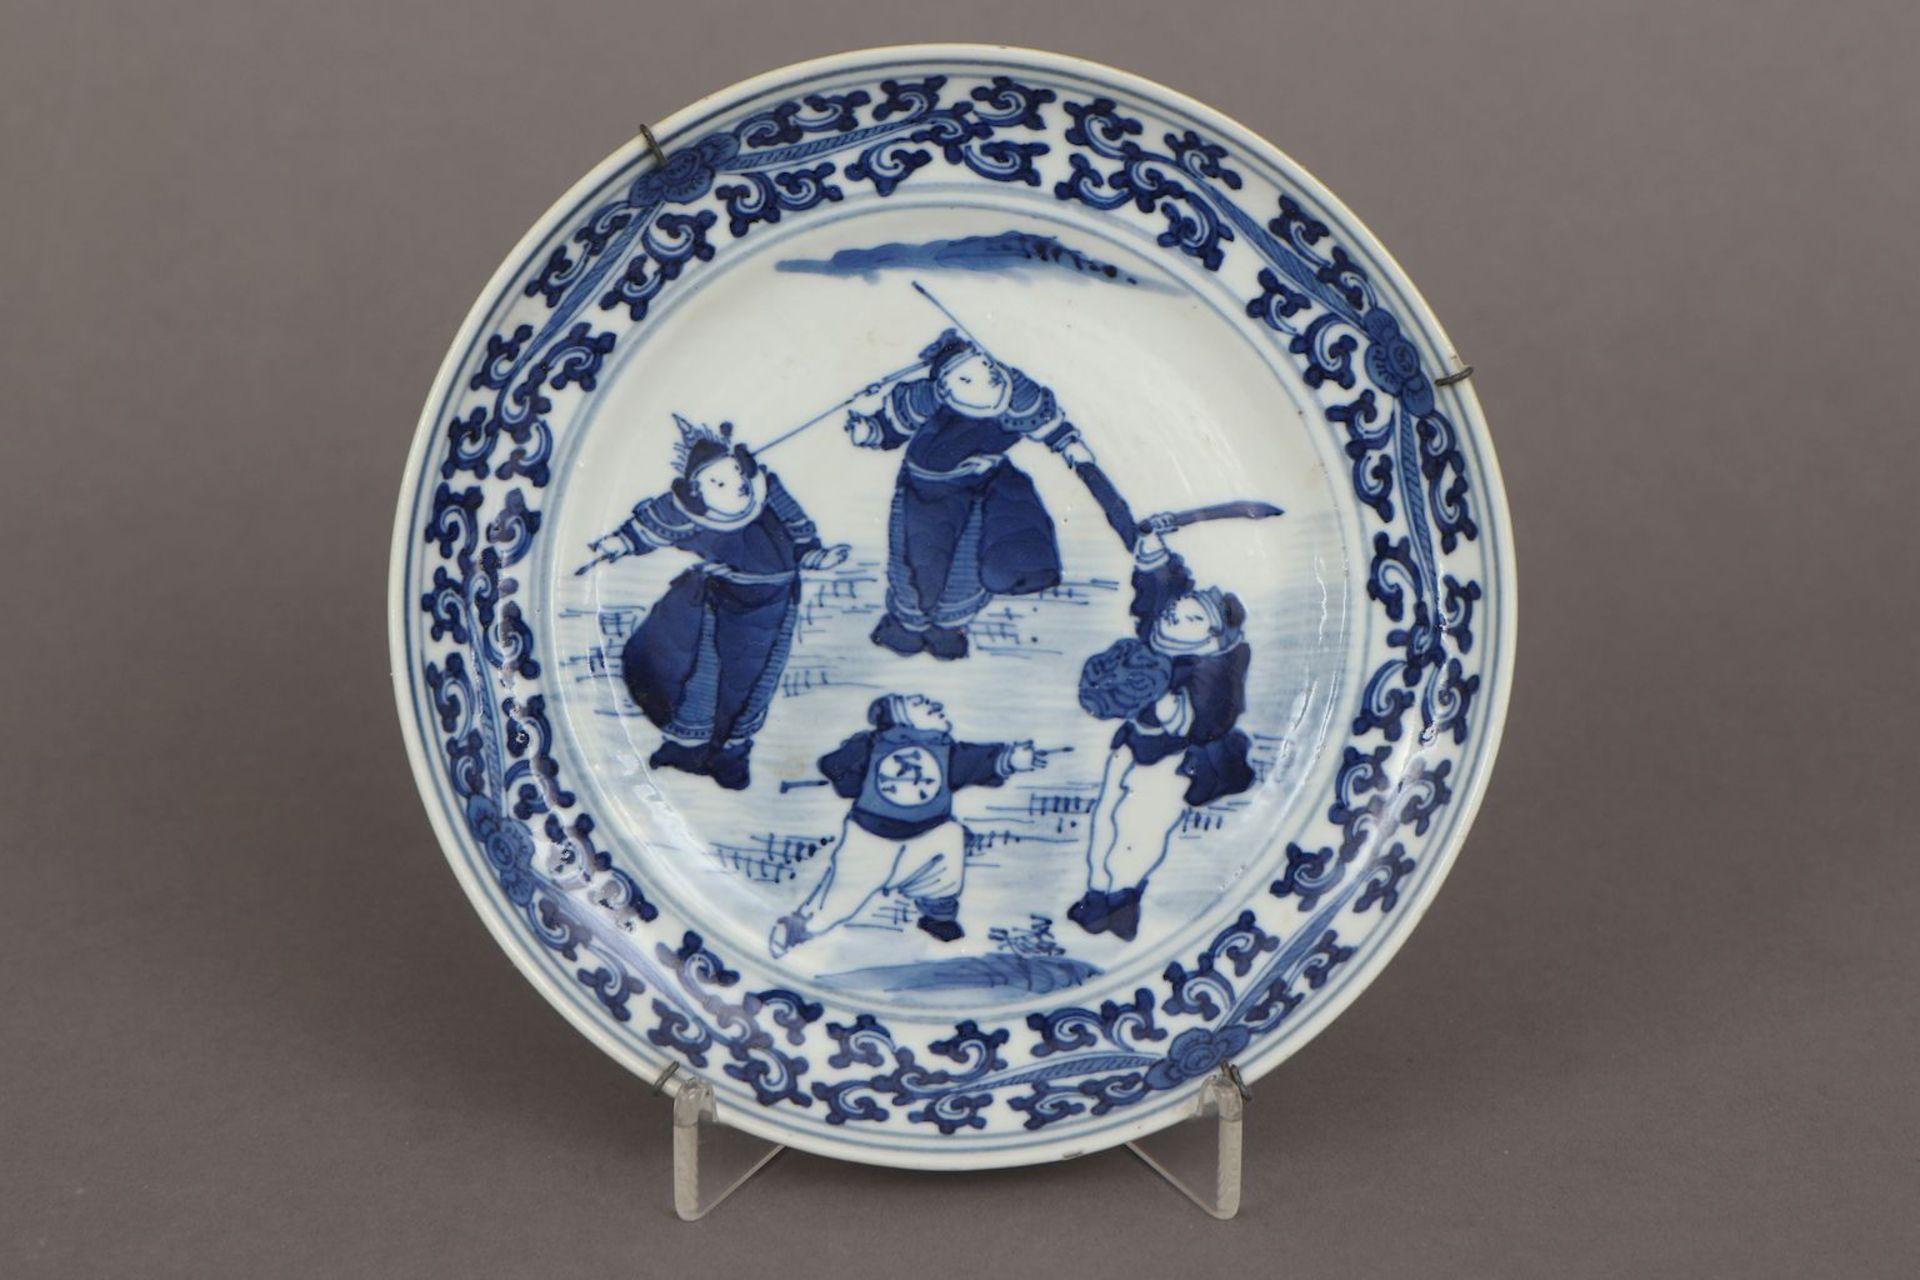 2 chinesische Porzellane mit Blaumalerei - Bild 2 aus 7